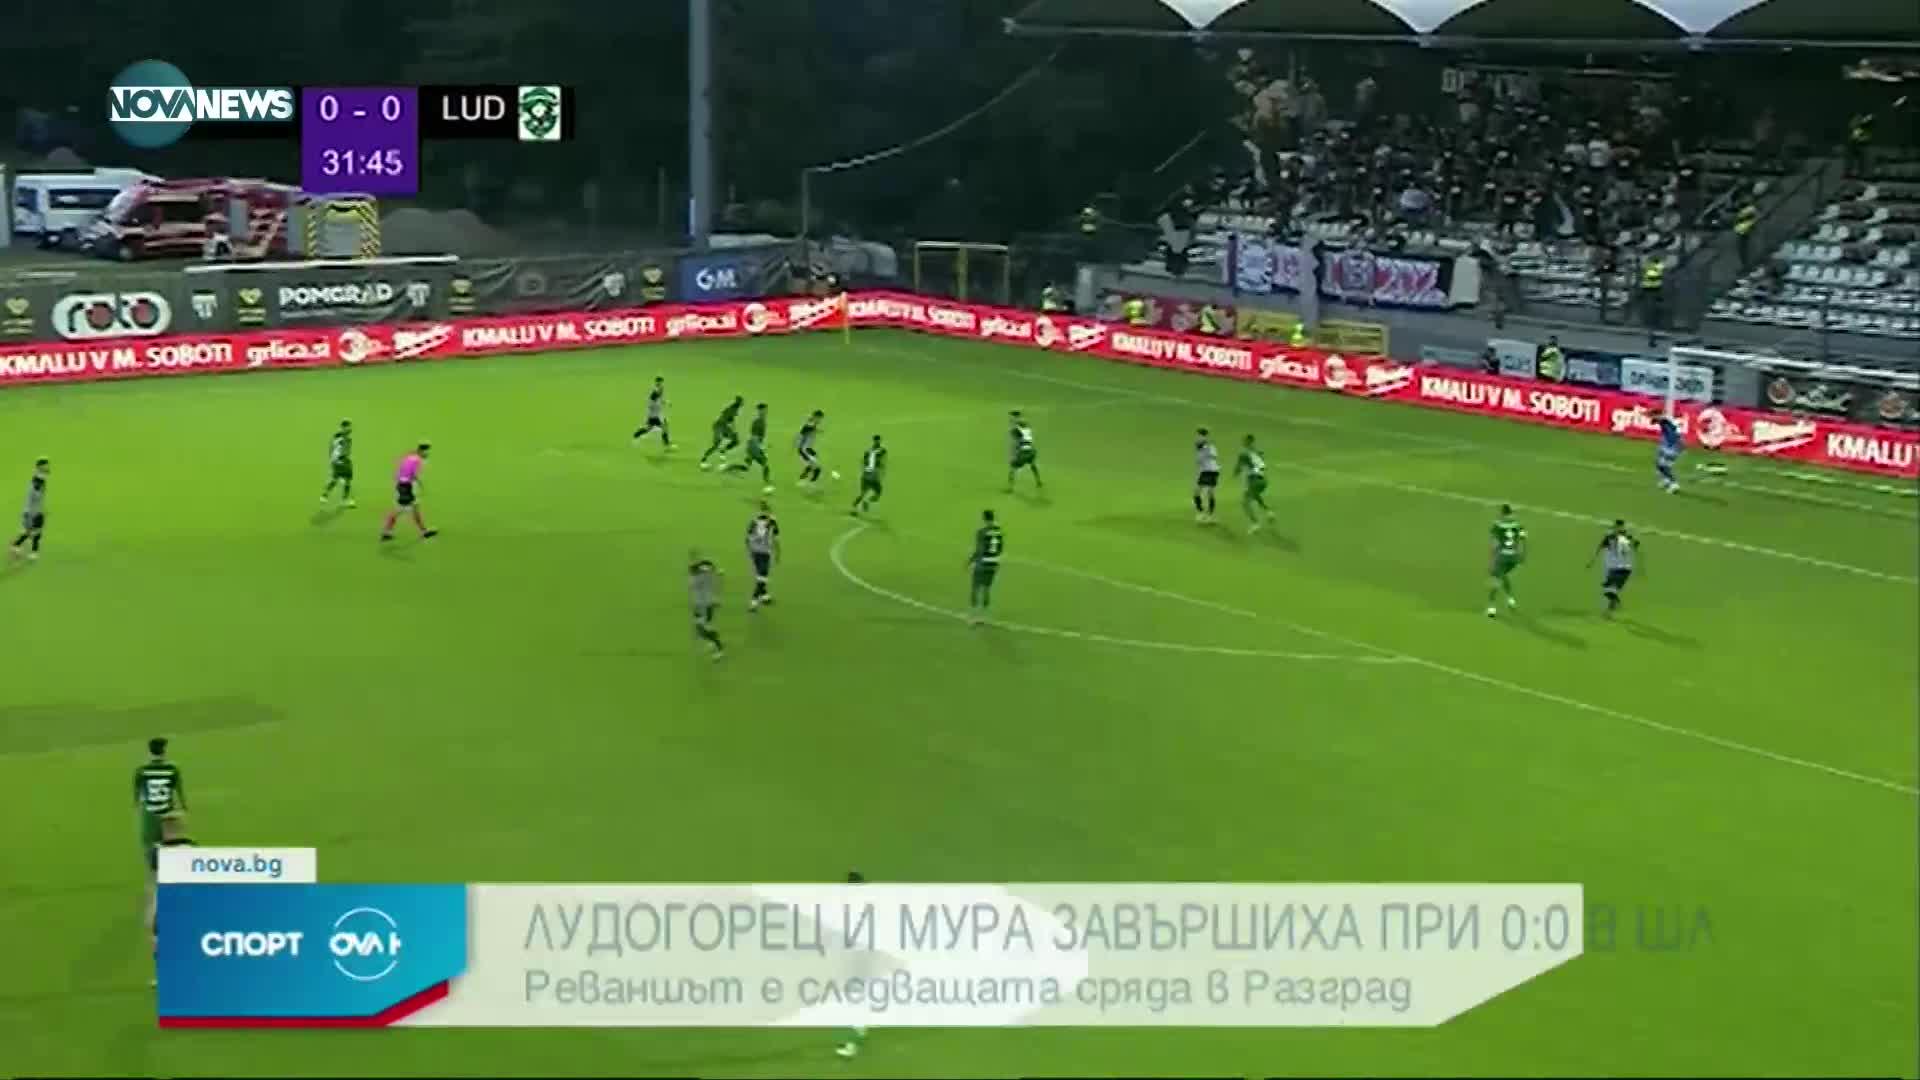 """Равенство за """"Лудогорец"""" във втория предварителен кръг на ШЛ"""